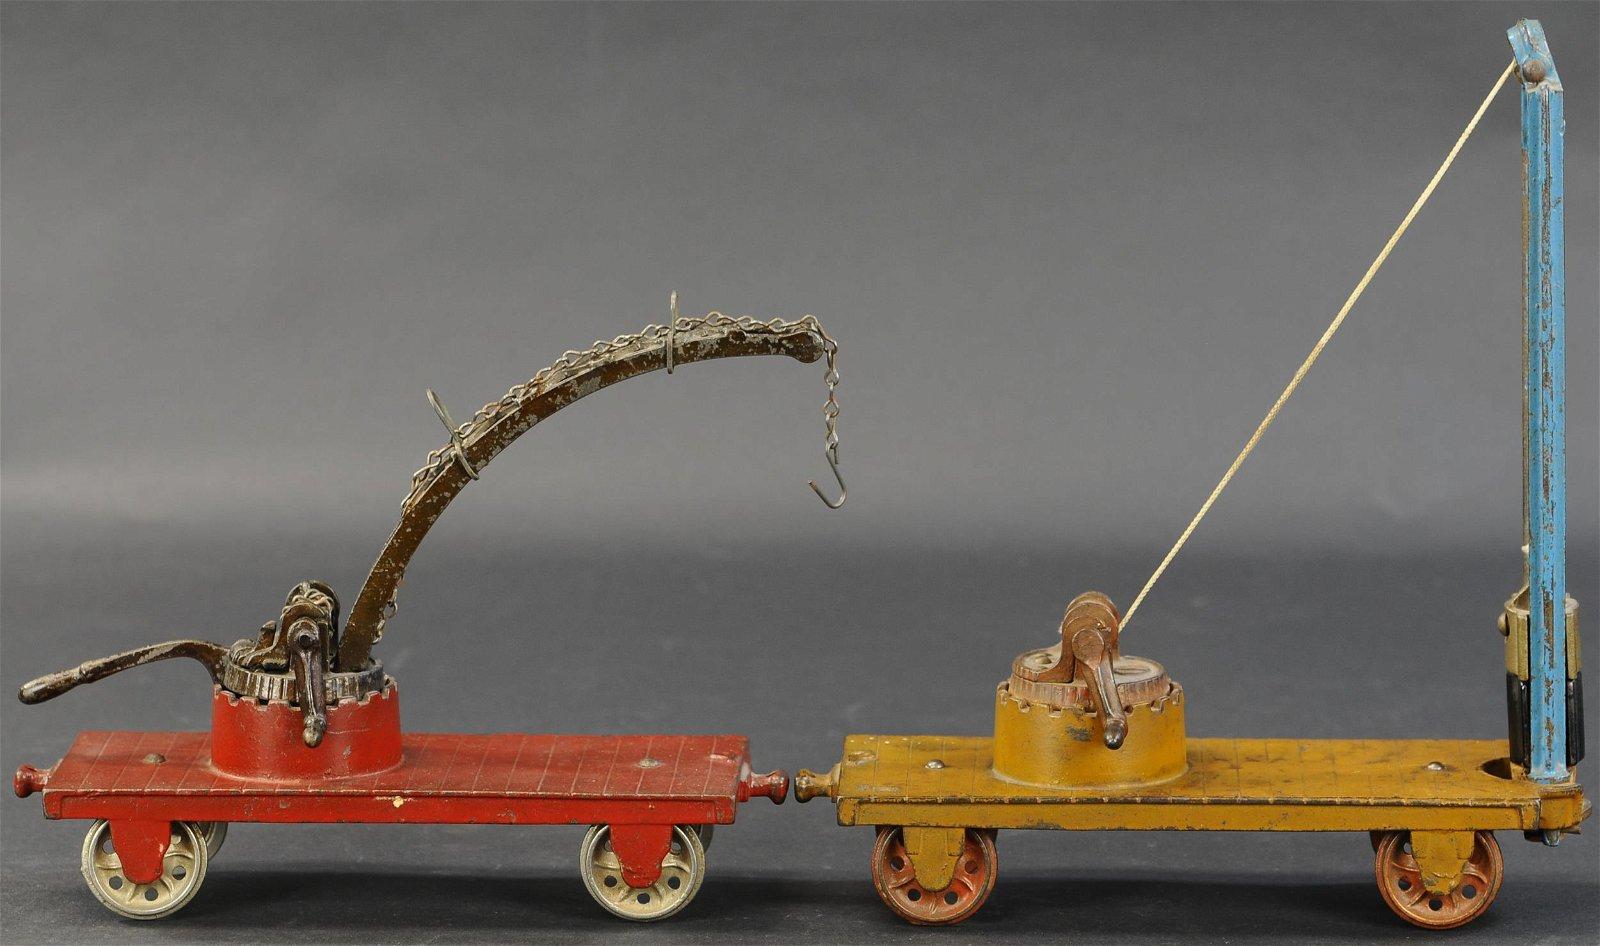 PAIR OF ARCADE WORK TRAIN CARS